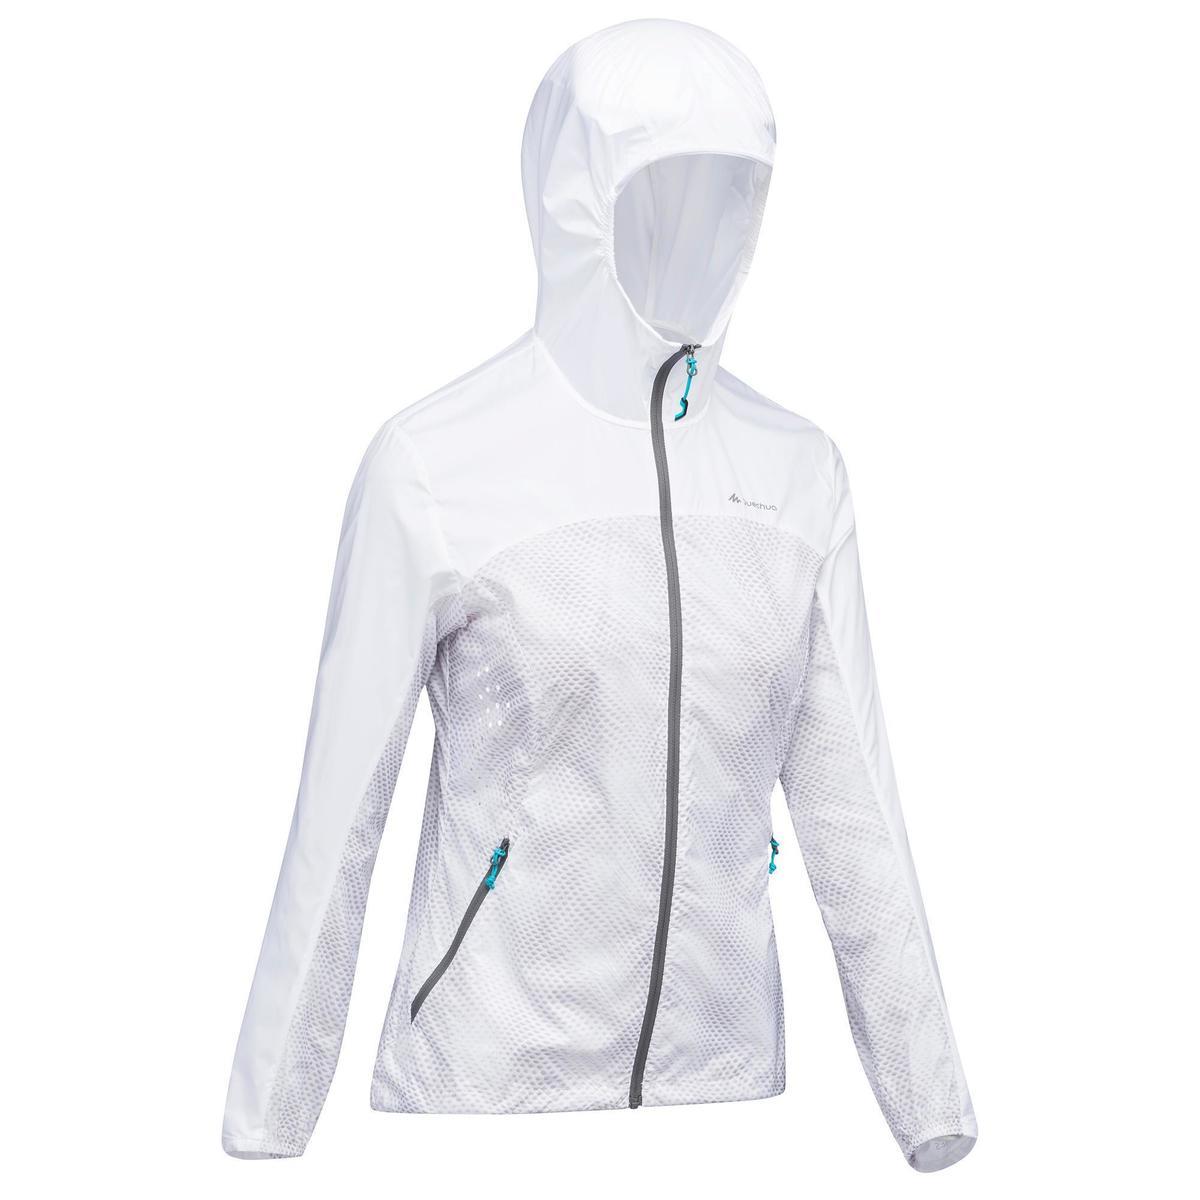 Bild 2 von Windjacke Speed-Hiking FH500 Helium Damen weiß